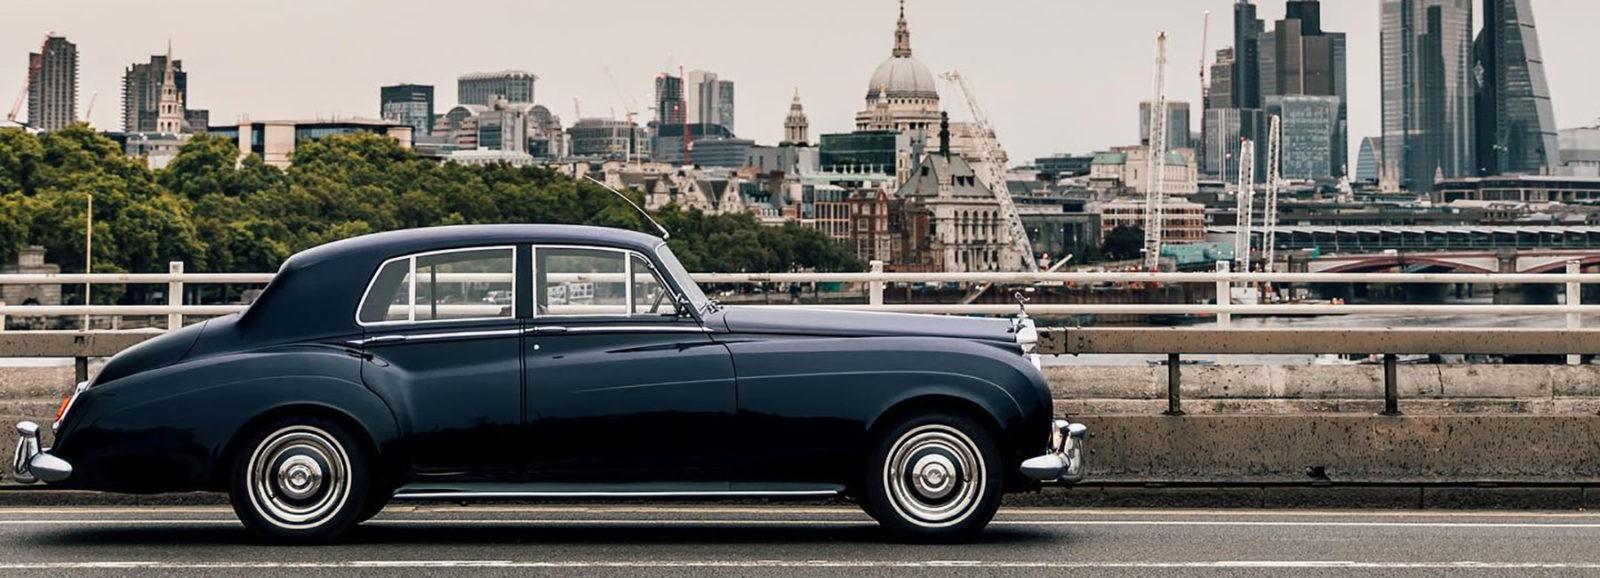 Британский стартап LUNAZ электрифицирует роскошные ретро автомобили